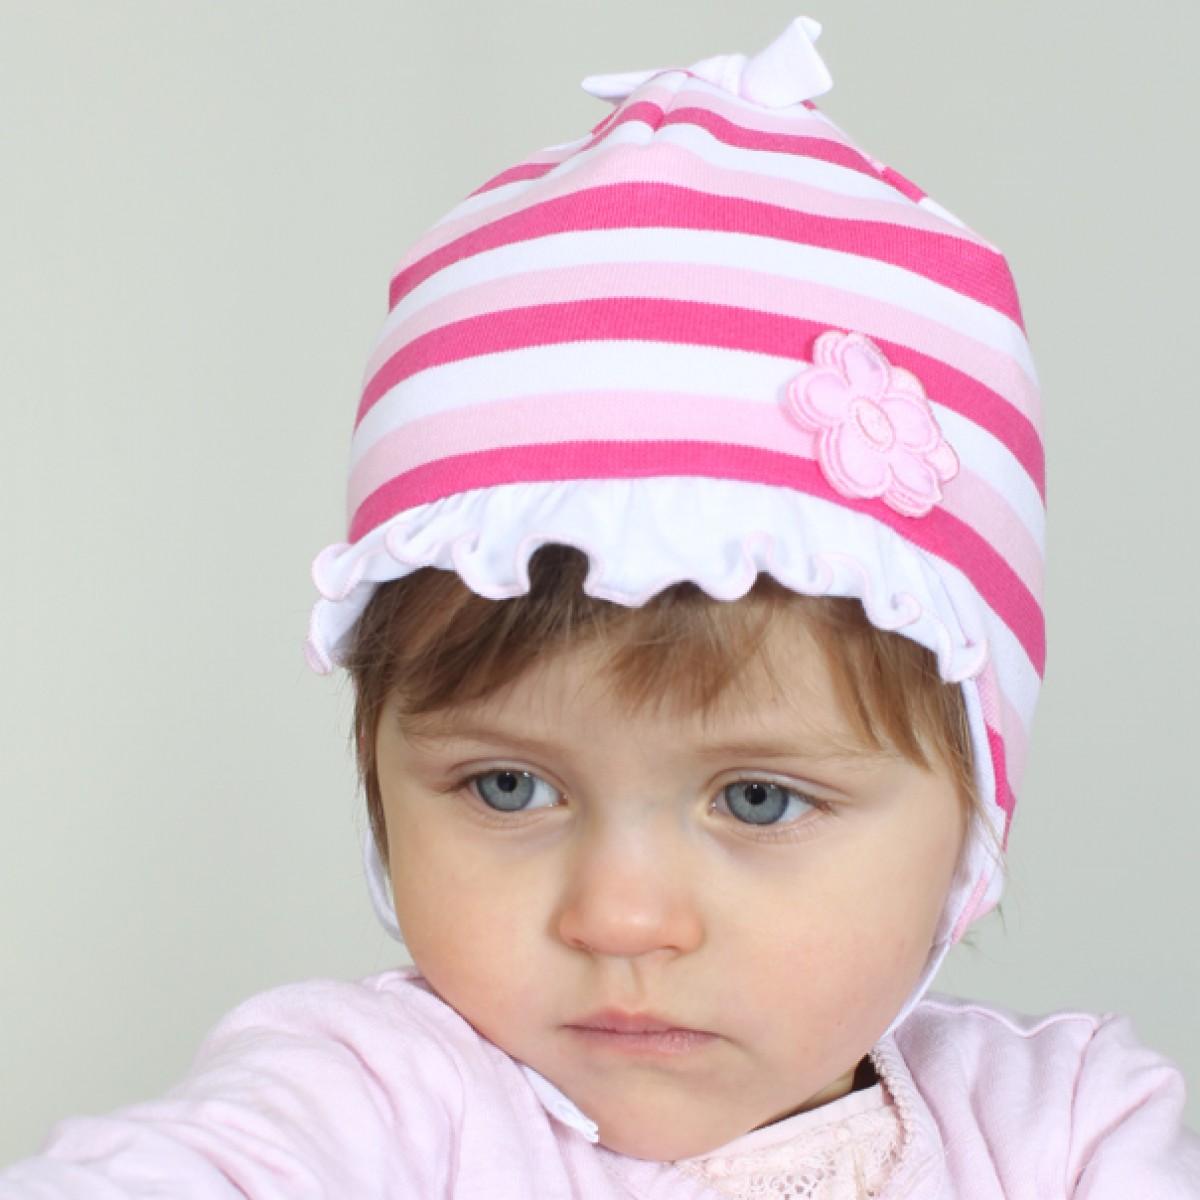 Cepure Vilaurita 184